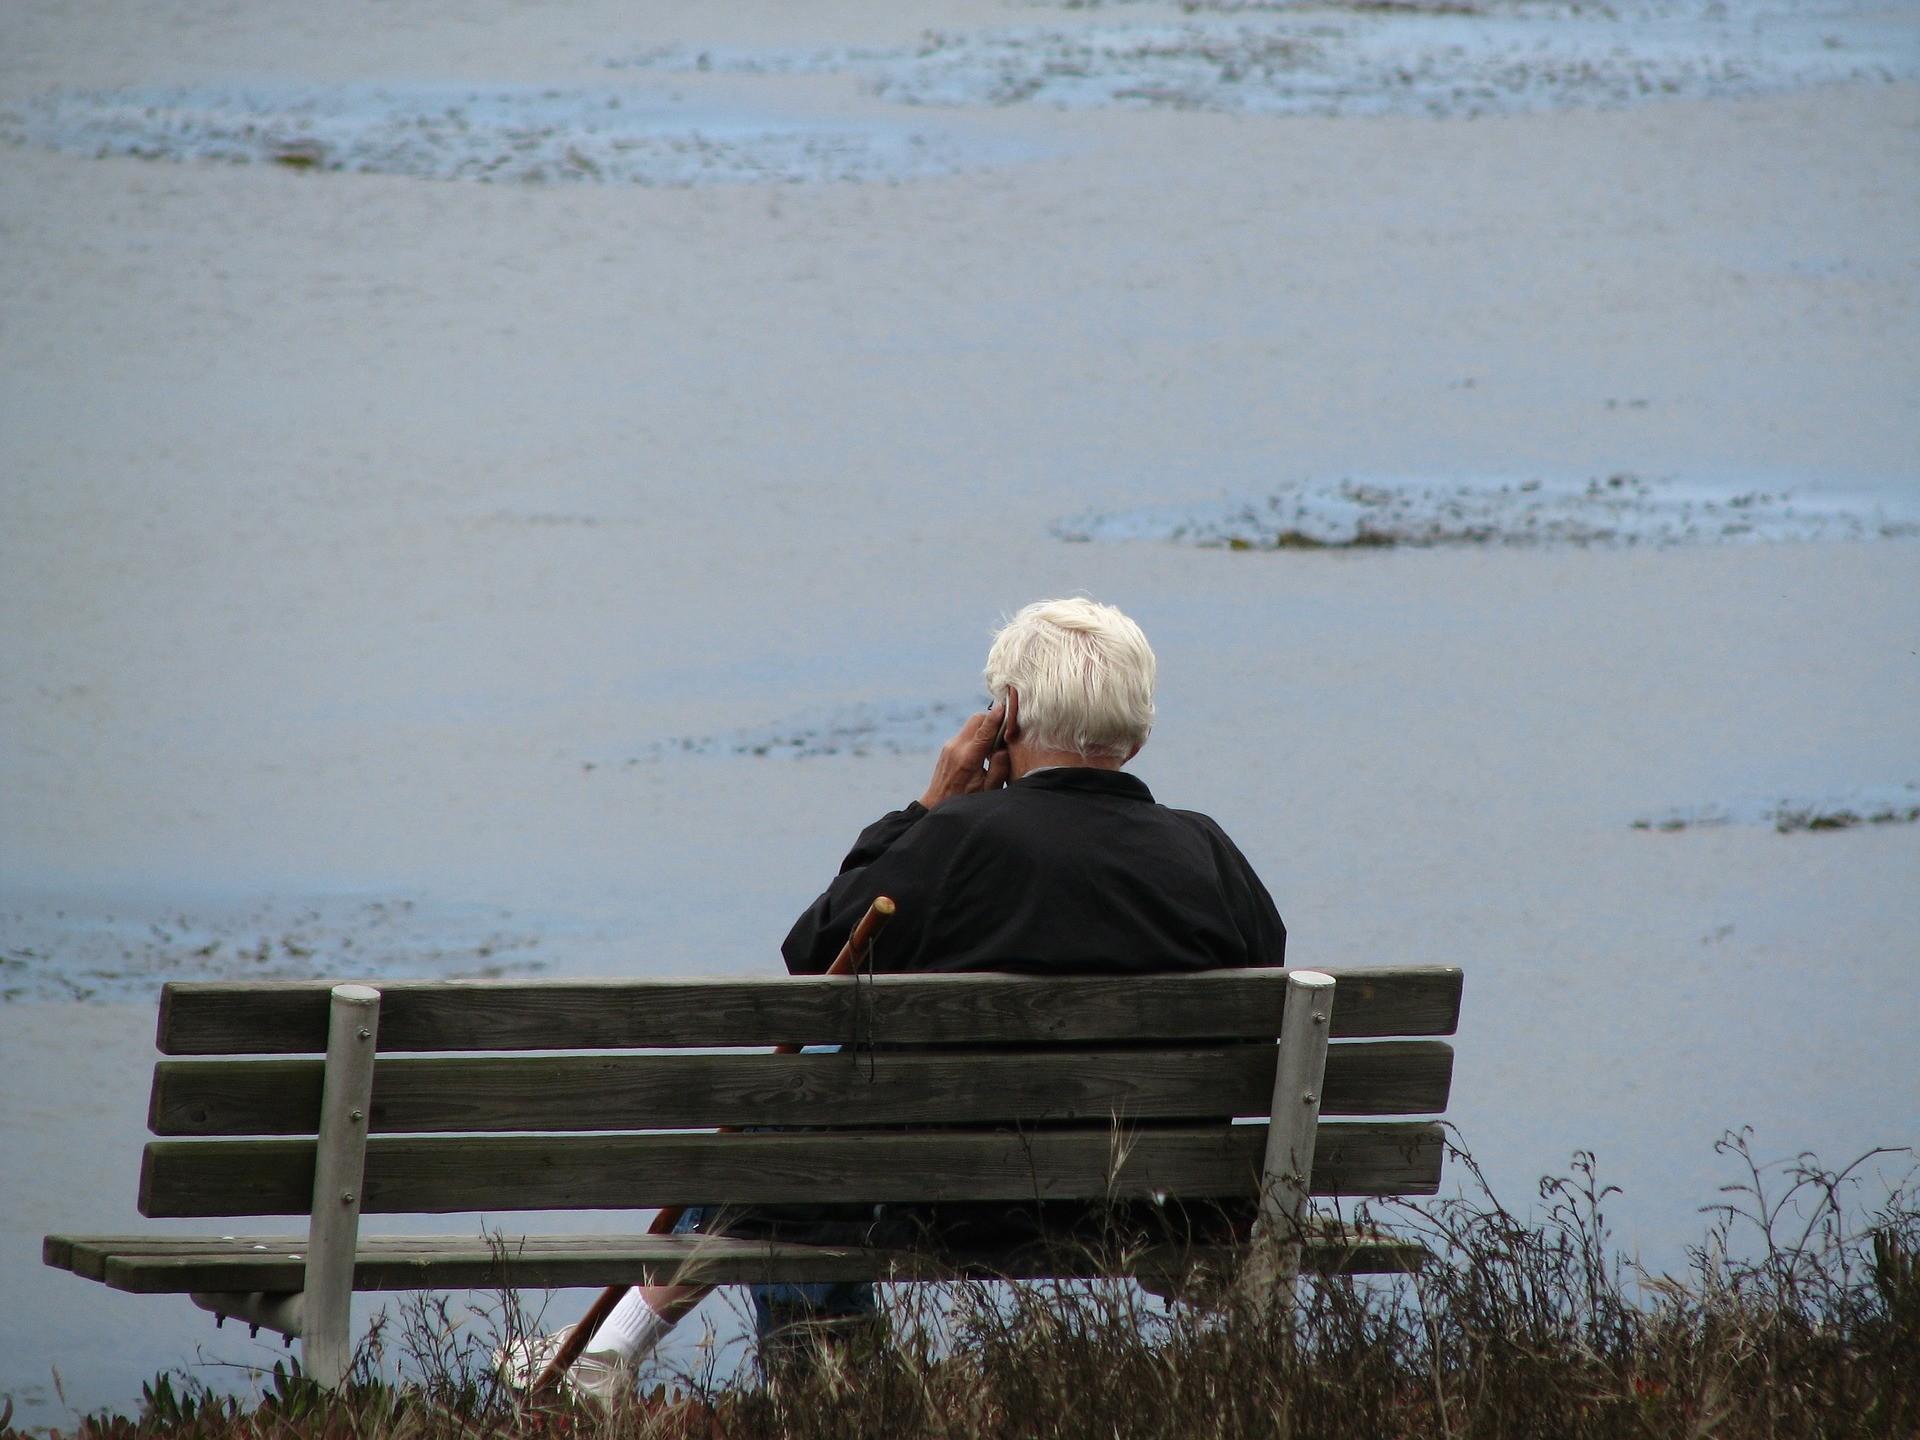 ▲電話,老人。(圖/取自免費圖庫Pixabay)